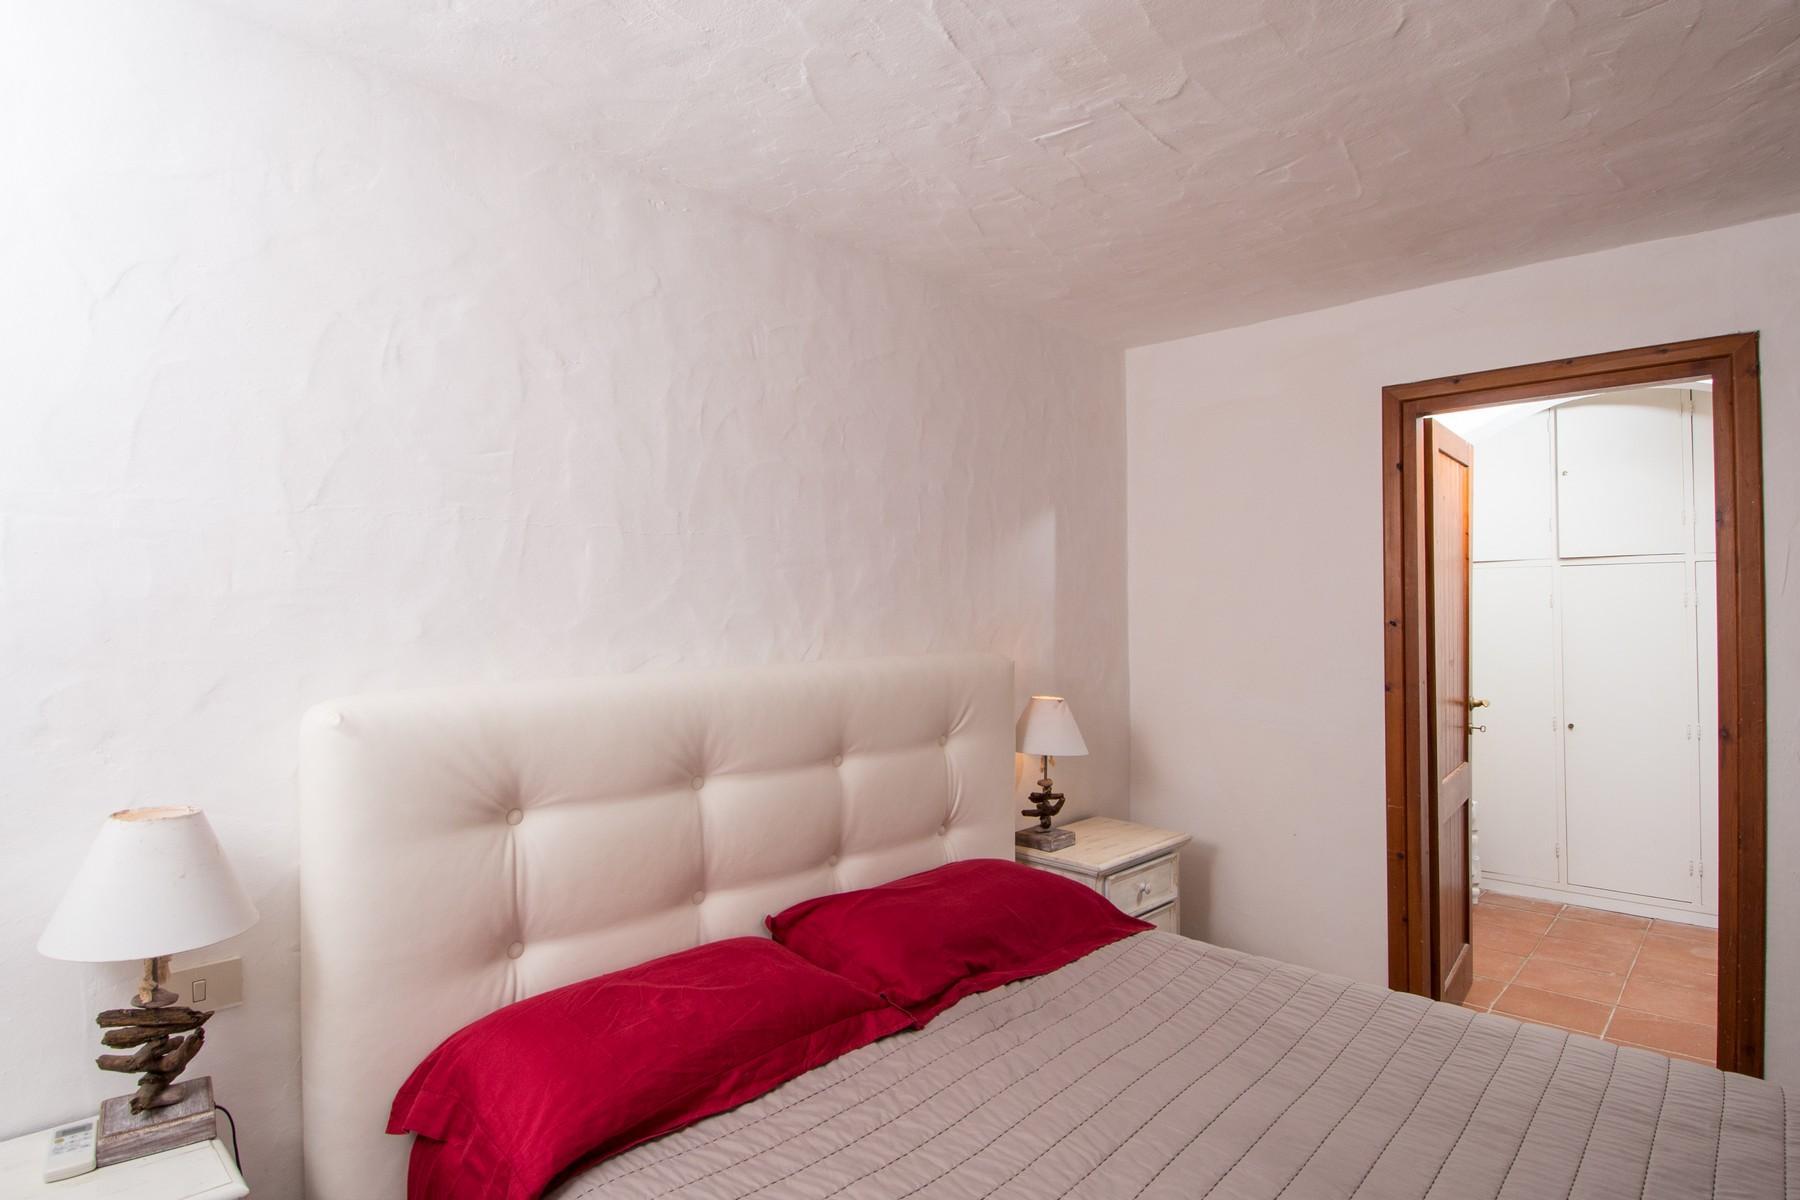 Porto Cervo Centro Meravigliosa casa semi-indipendente con splendida vista - 10